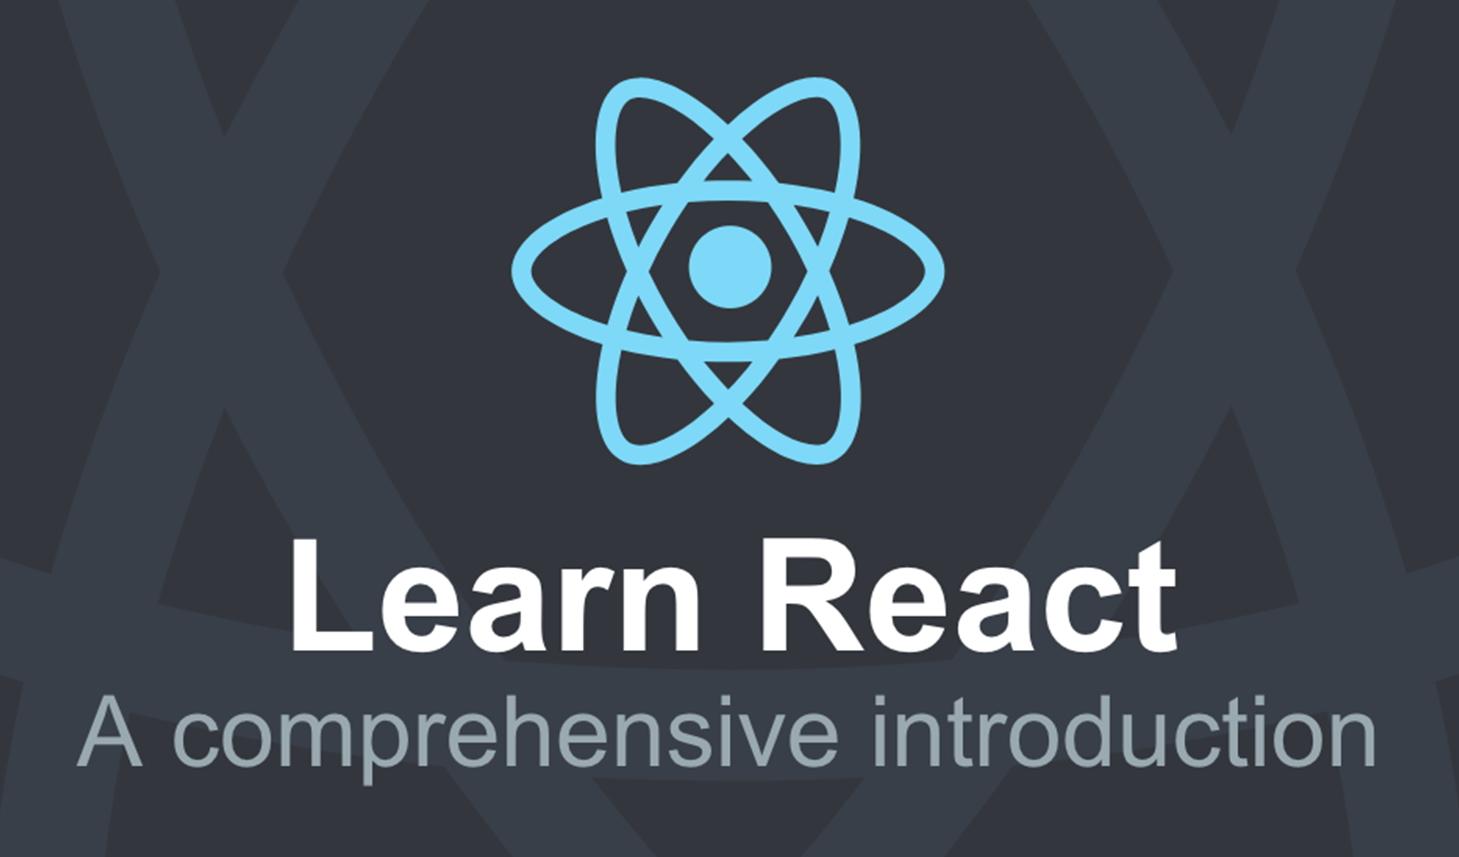 Reactjs - Học Reactjs trong 8 phút